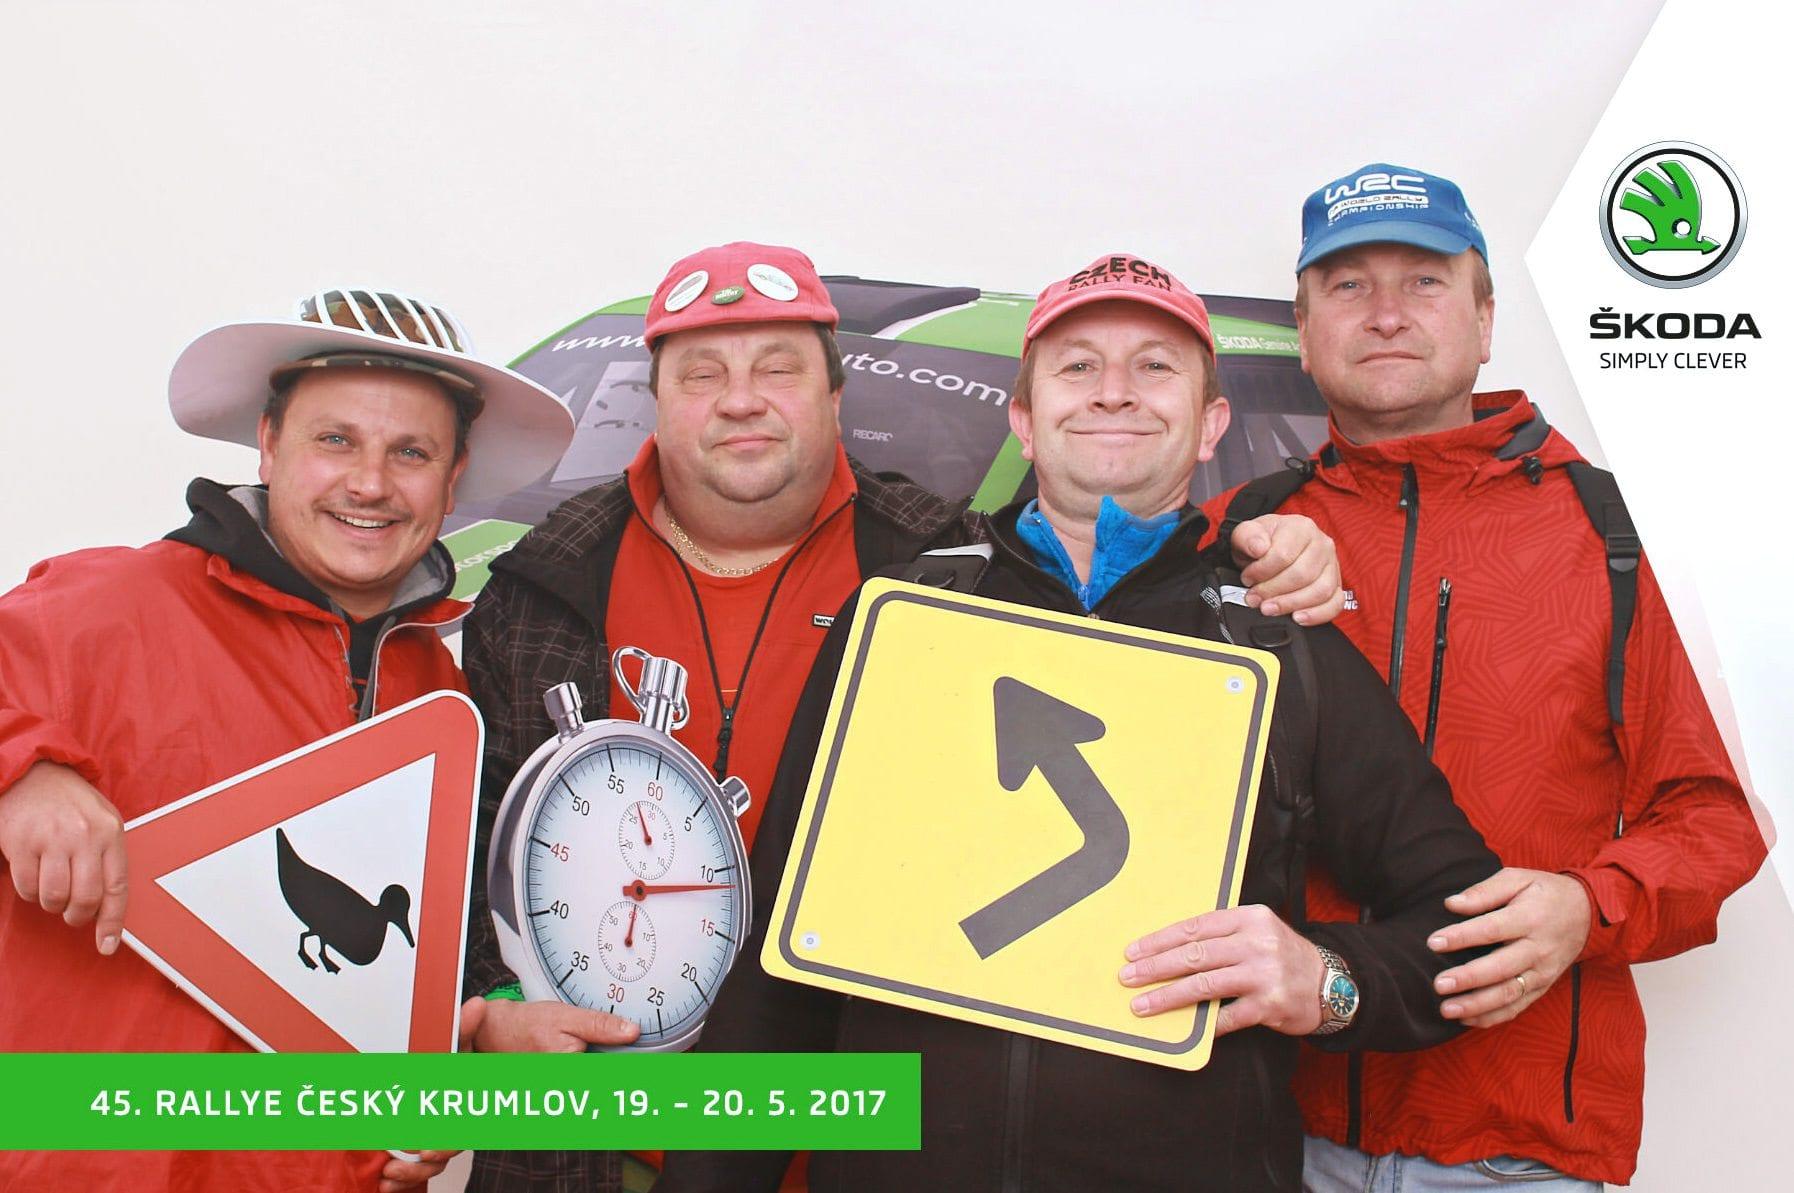 fotokoutek-45-rallye-cesky-krumlov-20-5-2017-248176